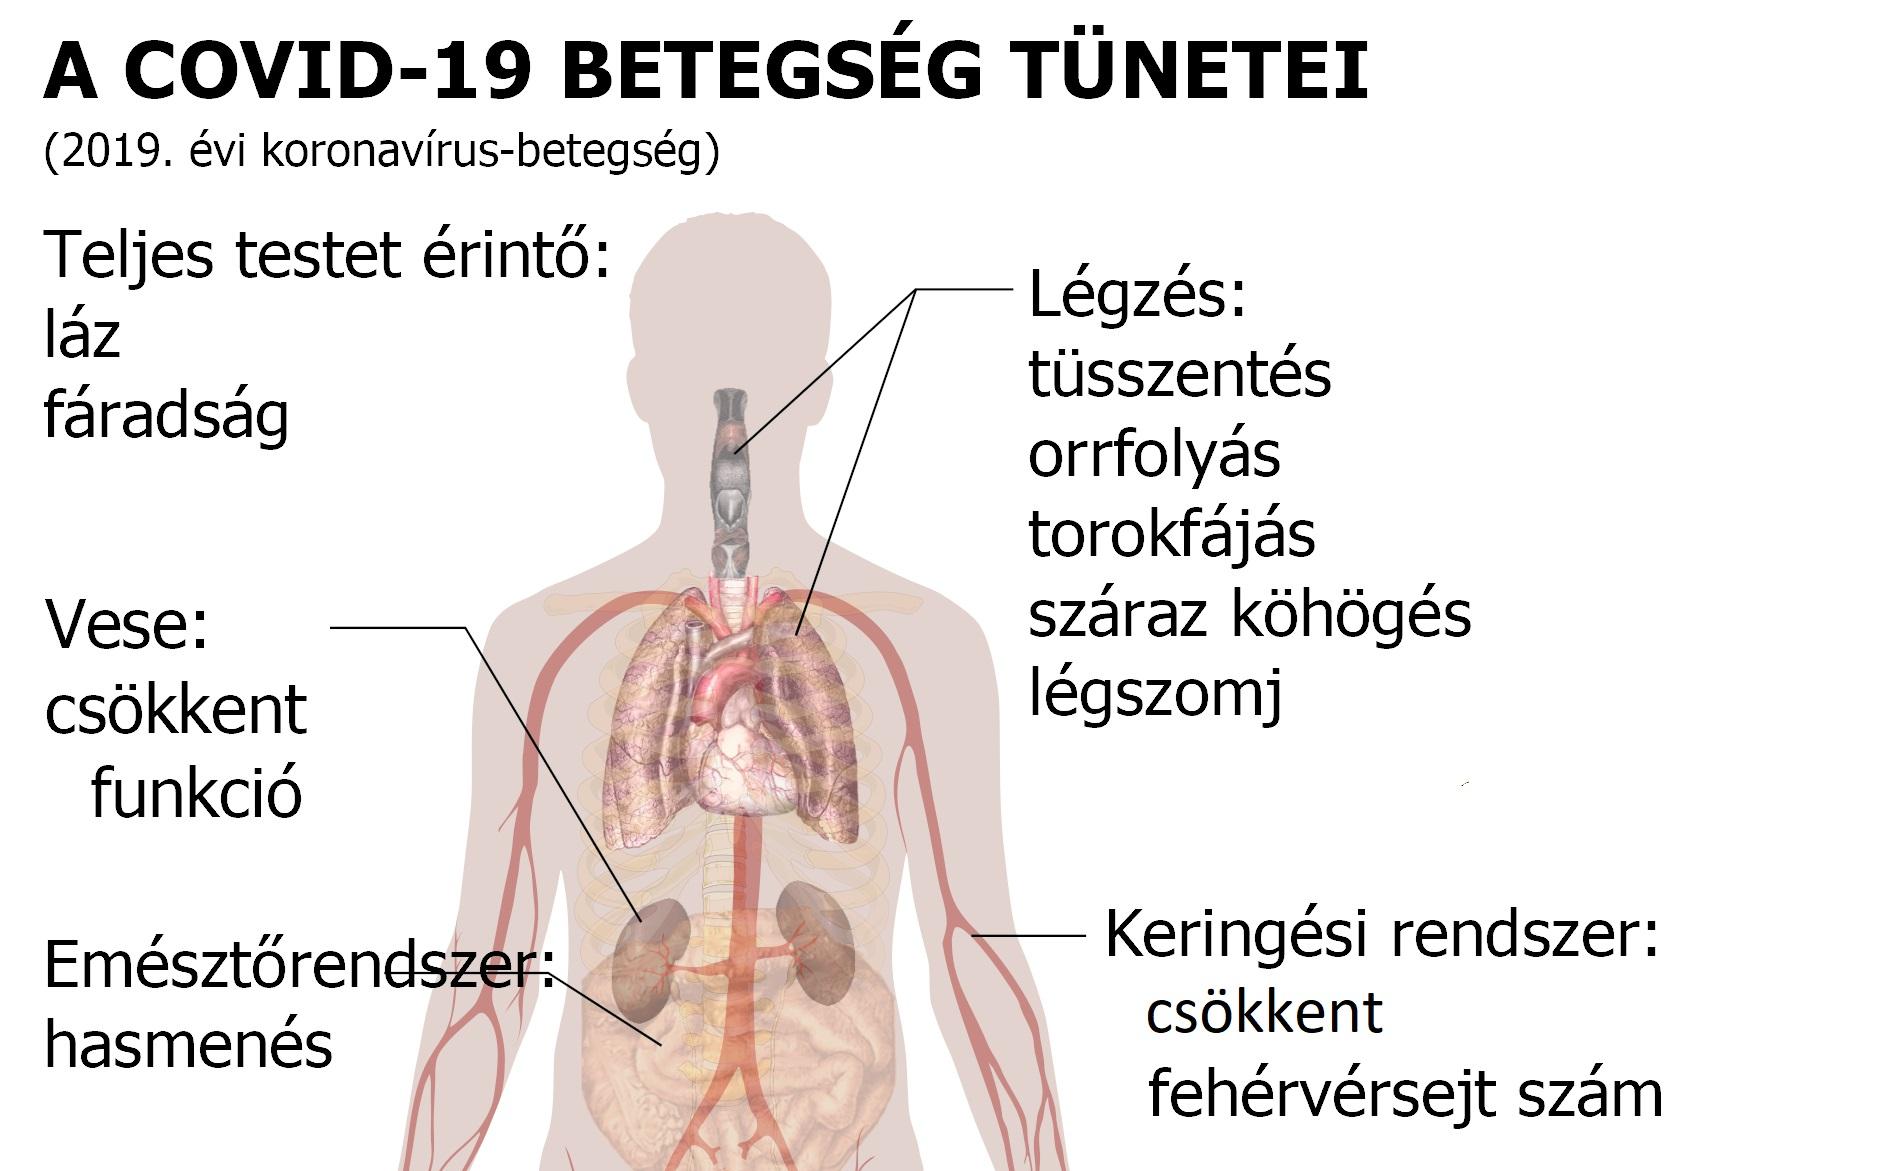 milyen magas vérnyomás elleni gyógyszerek alkalmasak az idősebb emberekre)